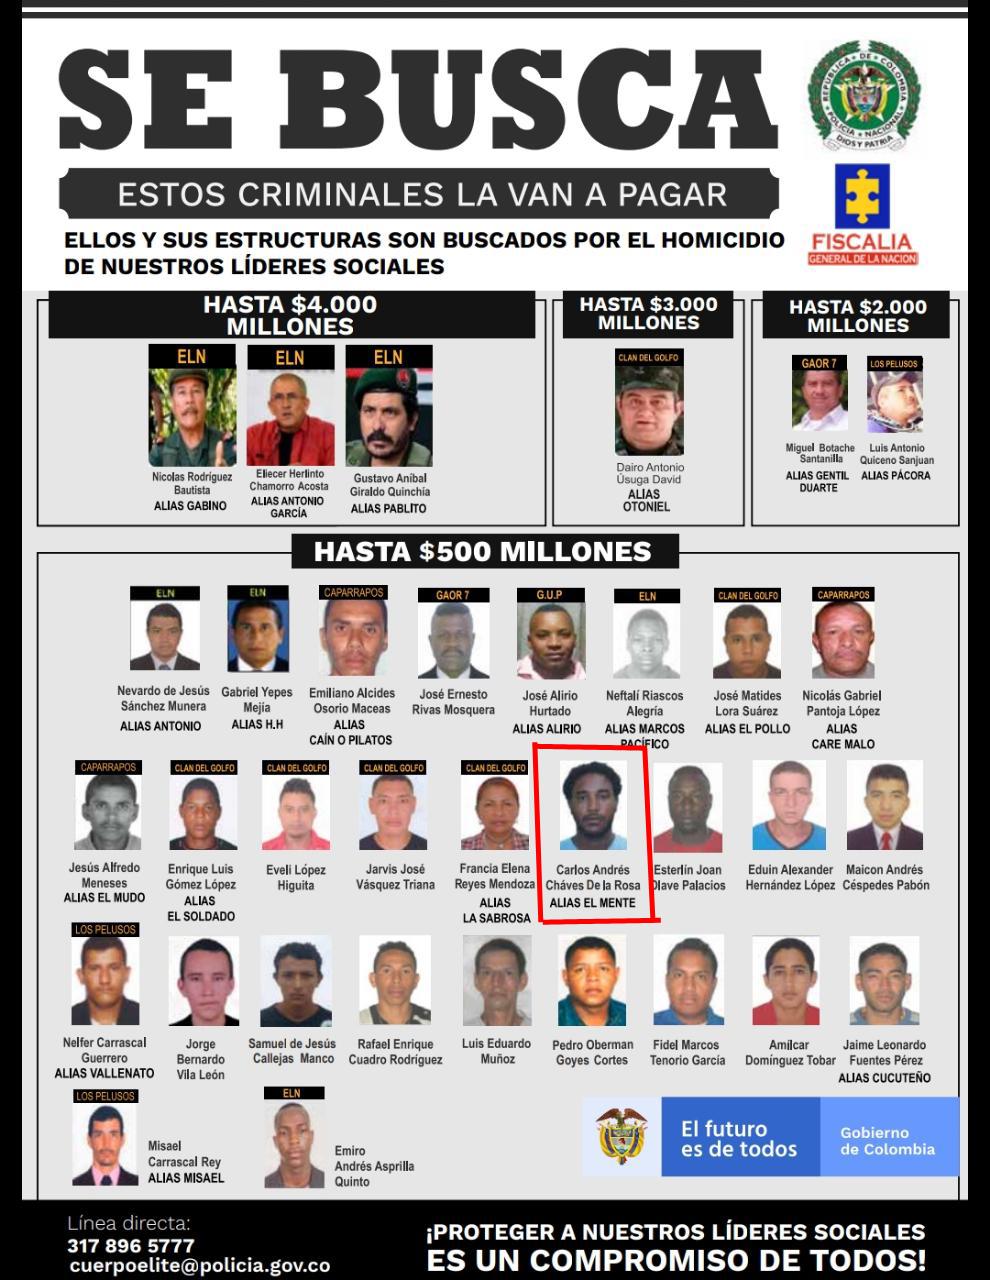 En este listado aparece alias El Mente, capturado en Cartagena